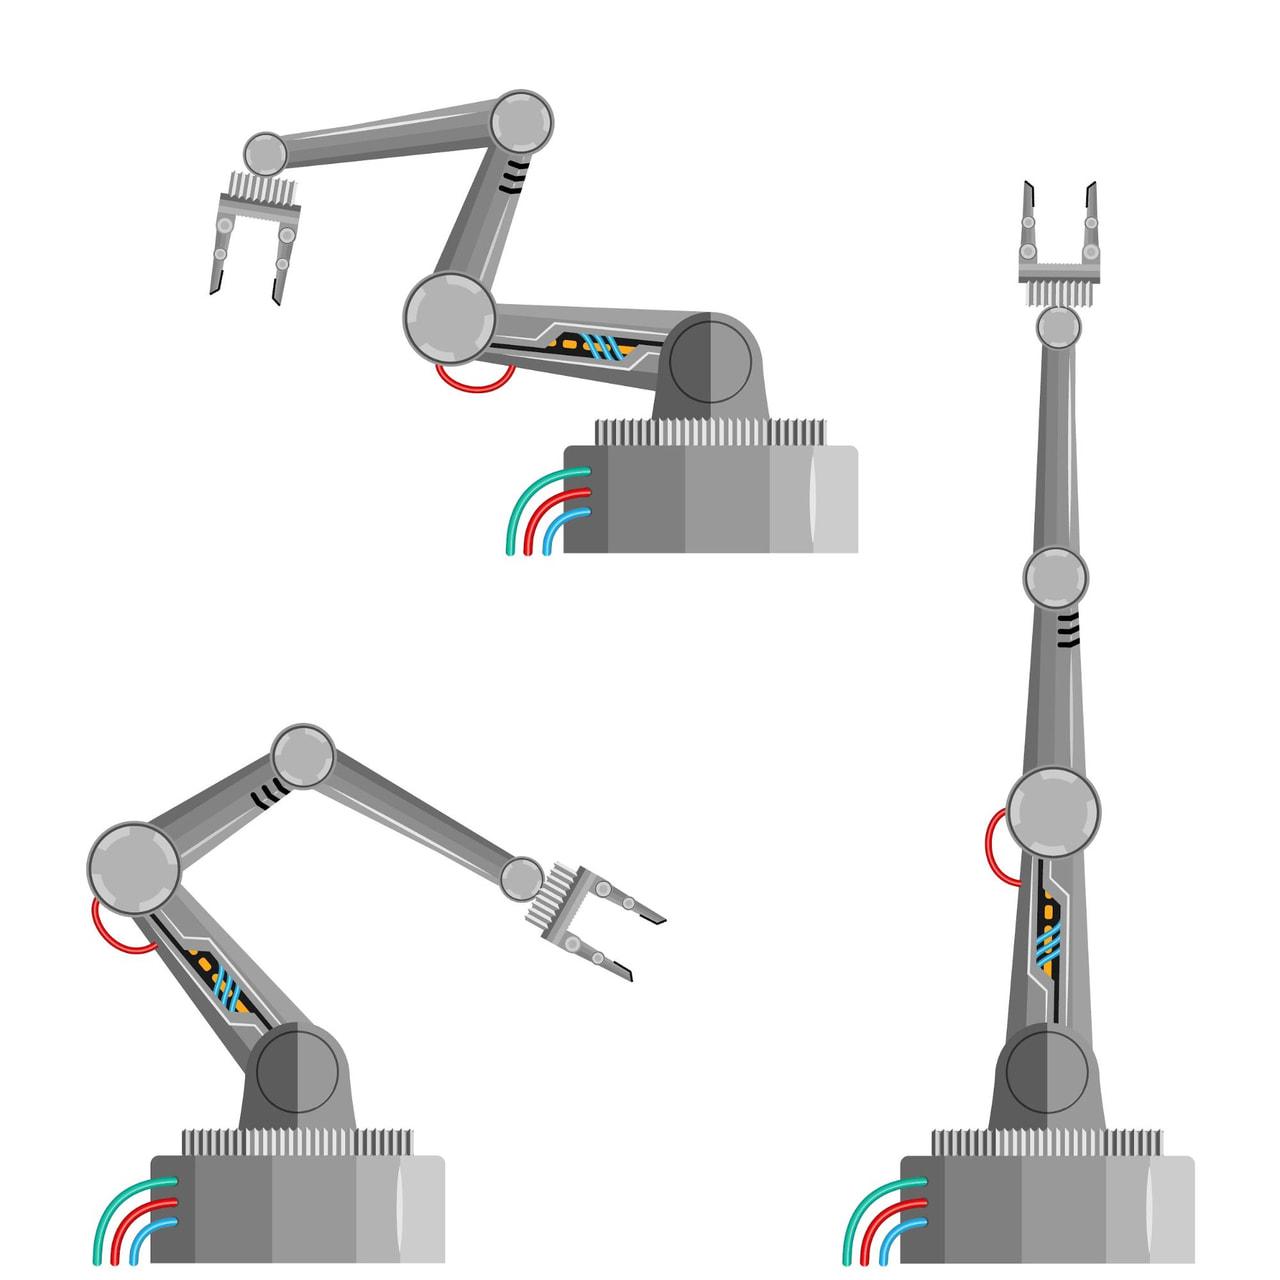 溶接ロボットの構造の補足画像